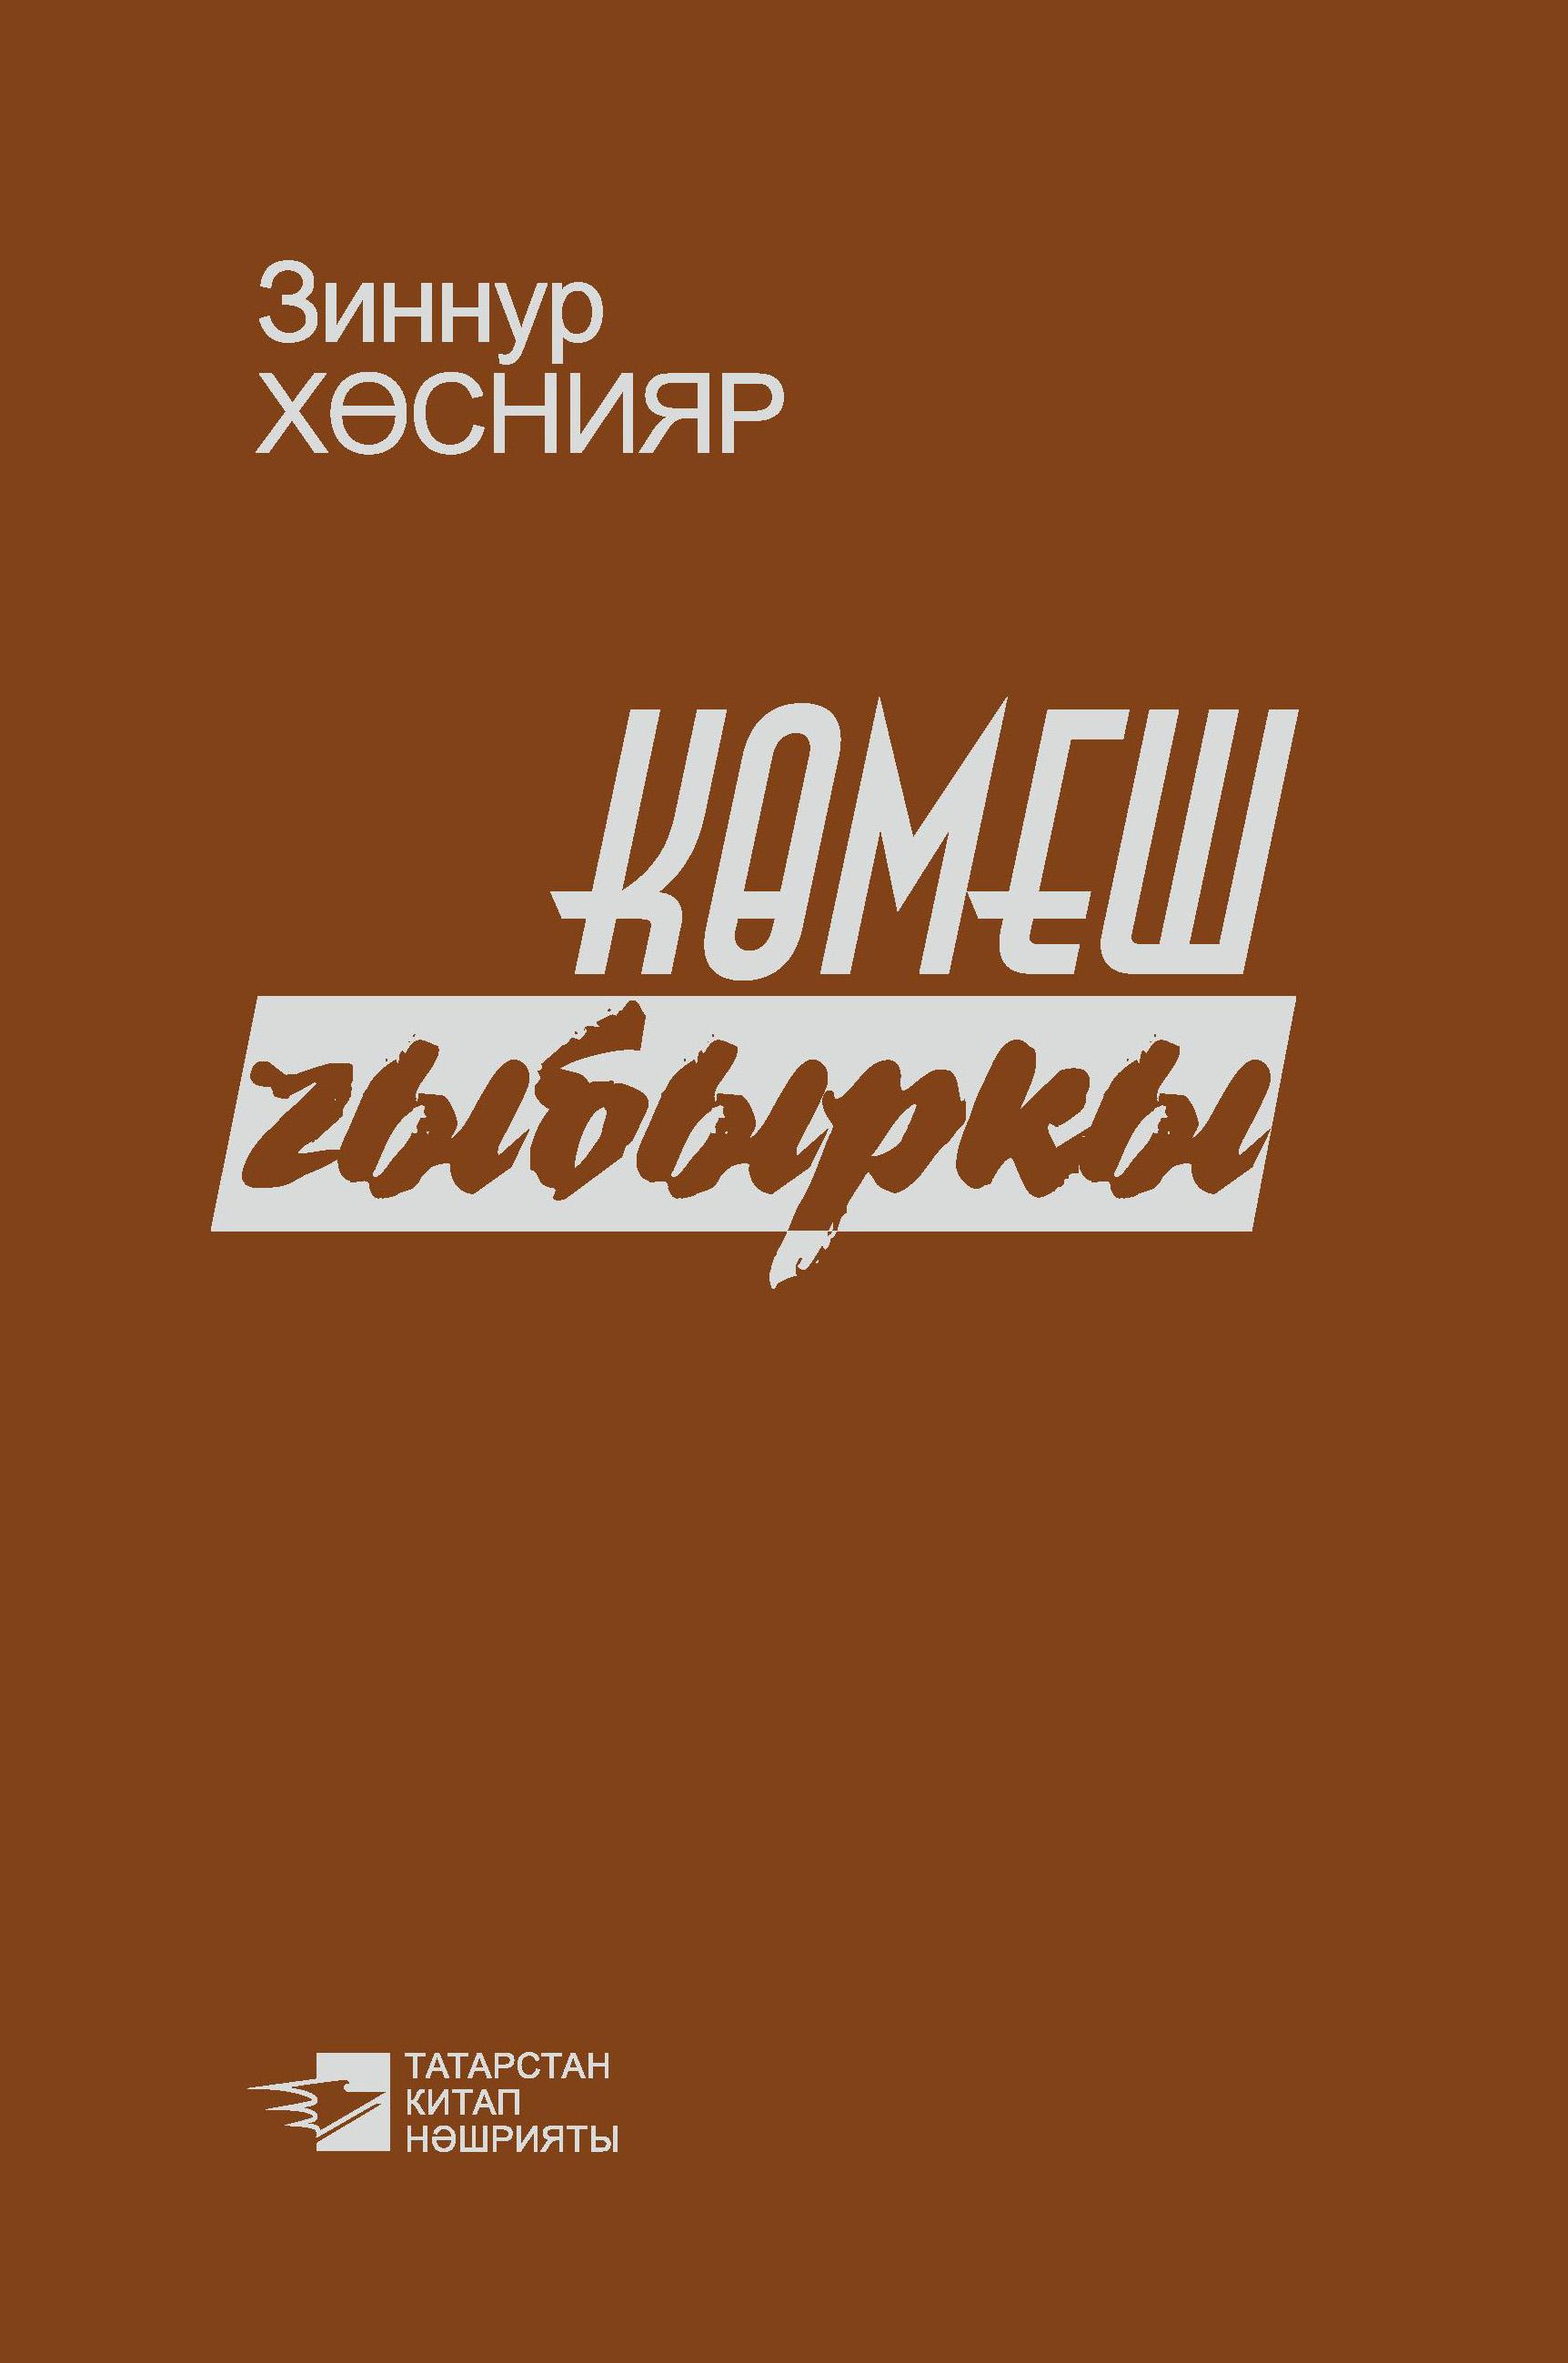 Зиннур Хуснияр Көмеш чыбыркы